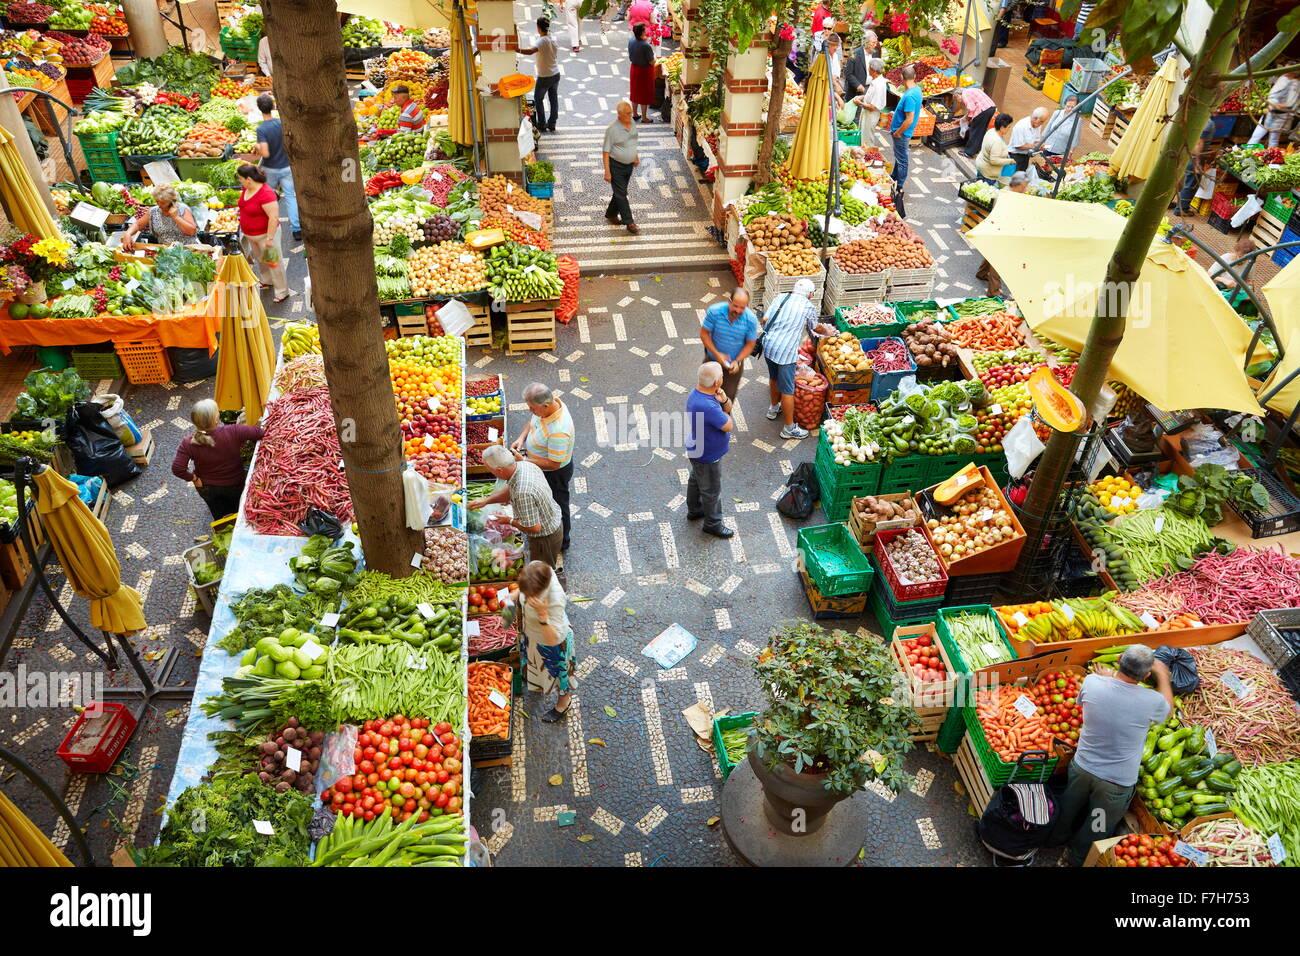 Mercado dos lavradores, fruits et légumes frais dans le marché de Funchal, île de Madère, Portugal Photo Stock